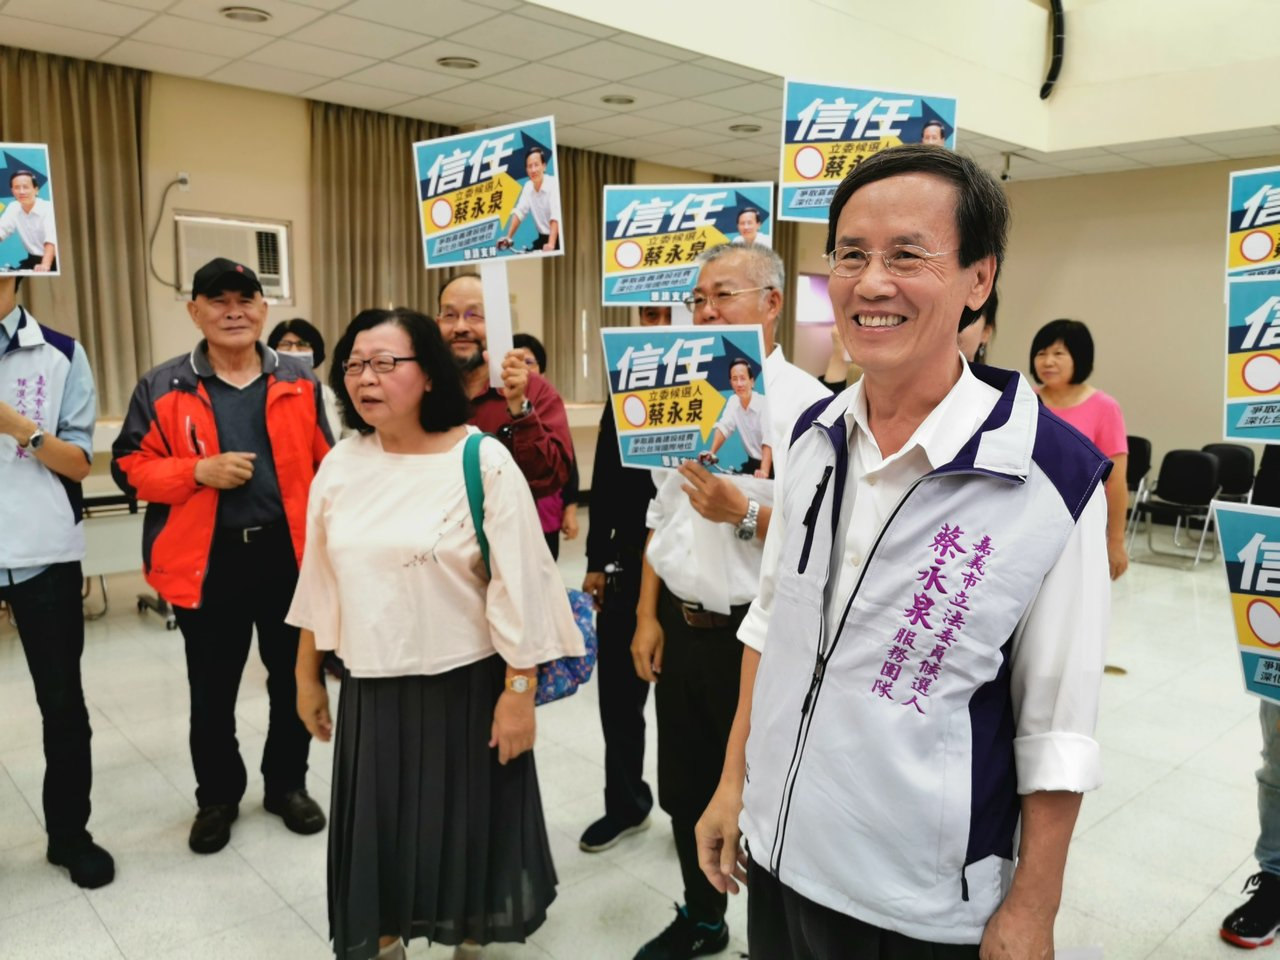 蔡永泉今天由支持者陪同,登記參選嘉義市立法委員。記者卜敏正/攝影